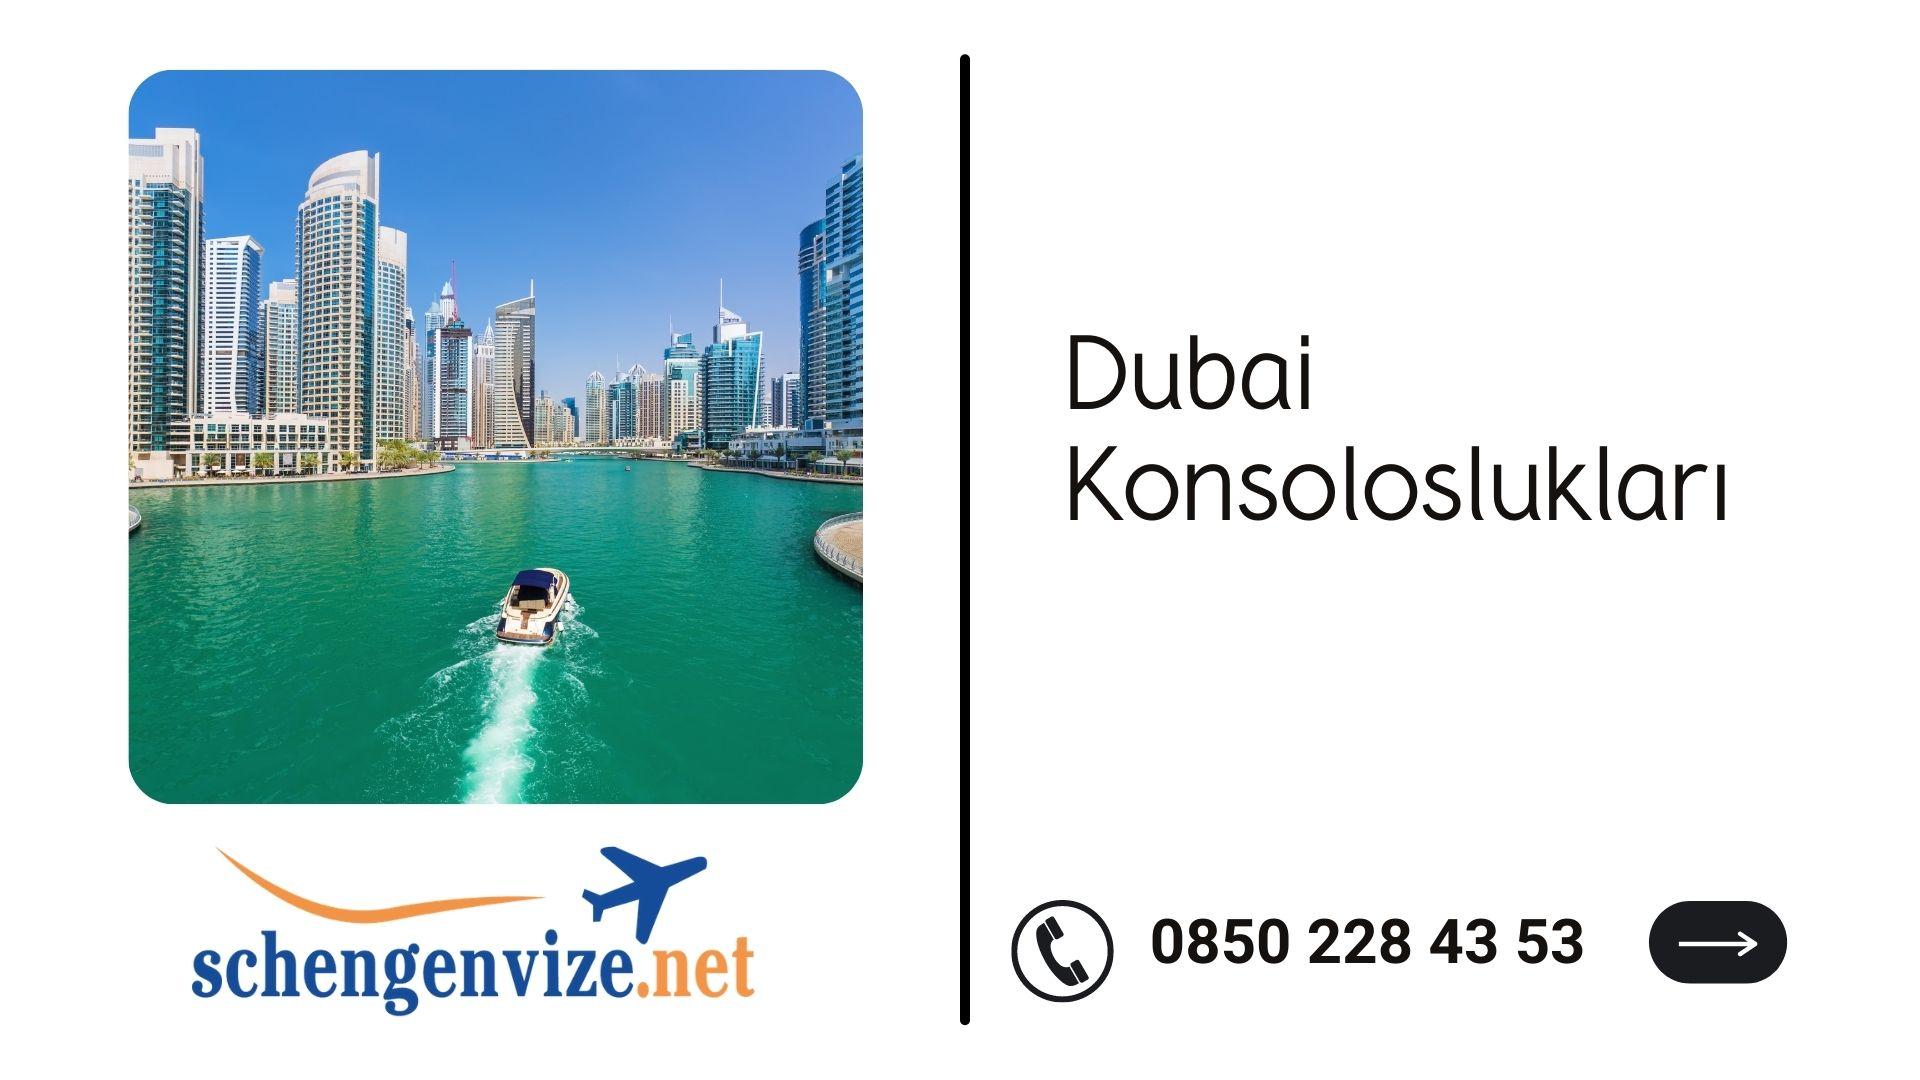 Dubai Konsoloslukları